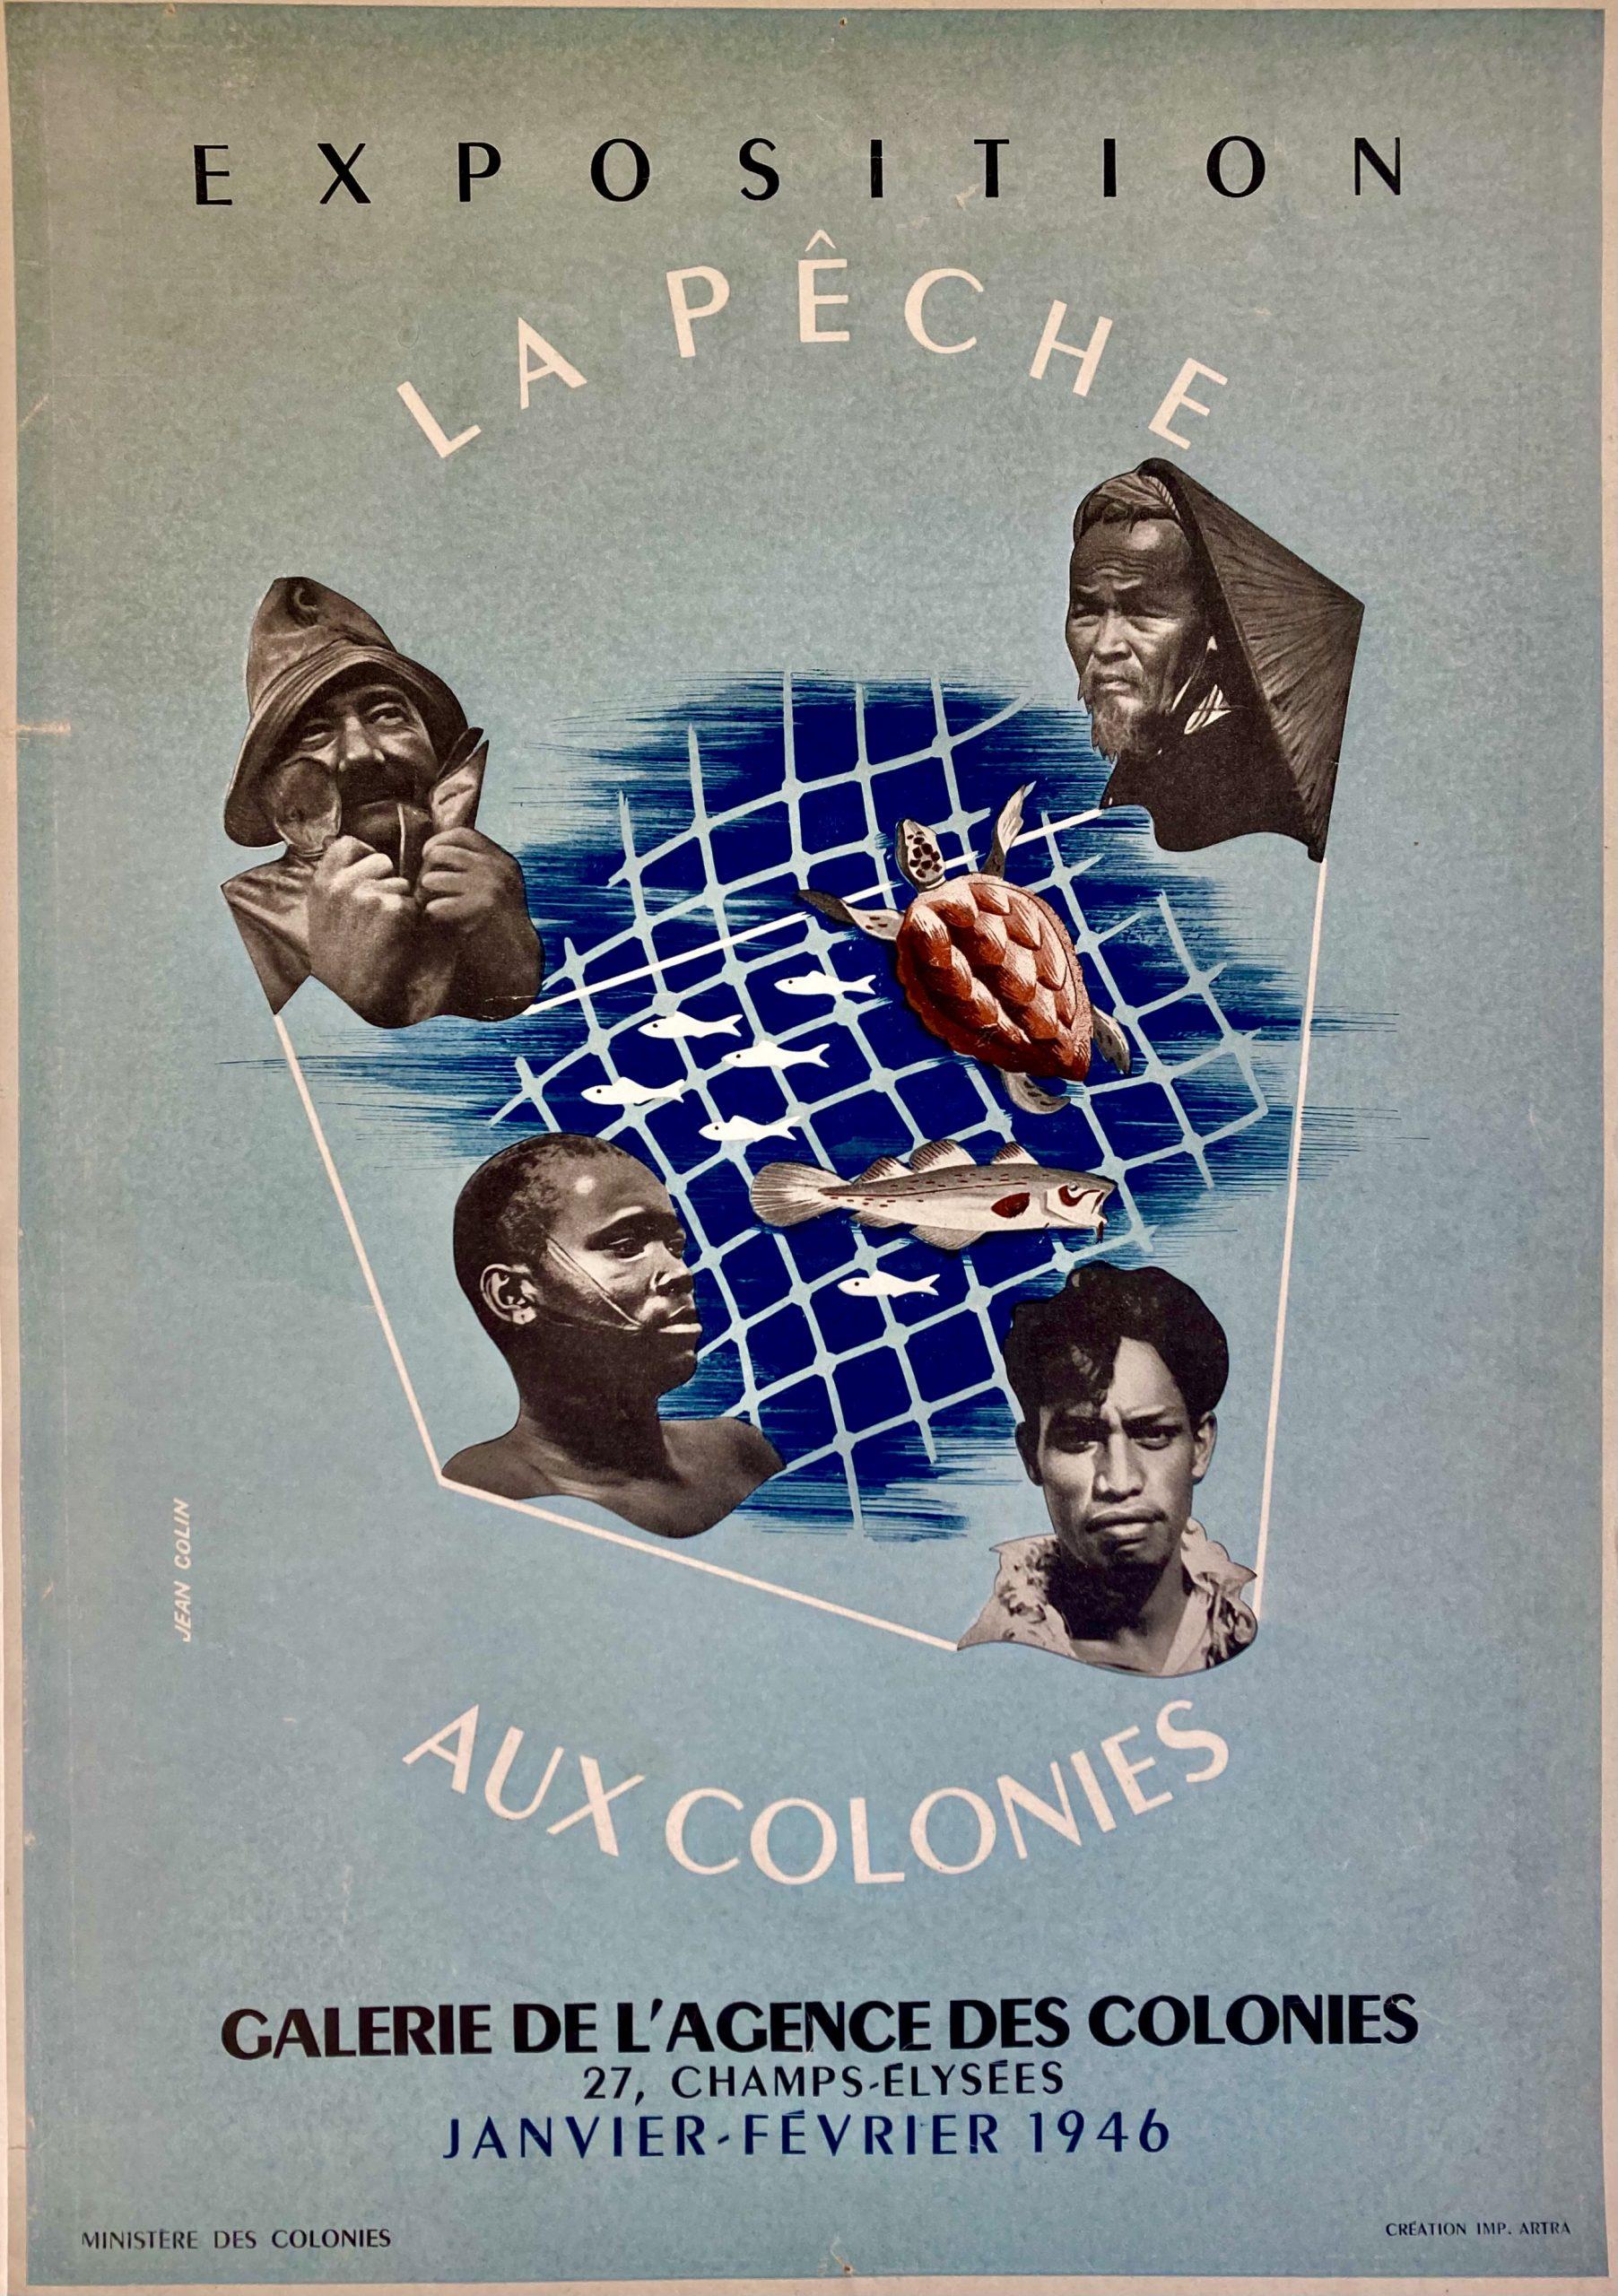 poster for exposition la pêche aux colonies